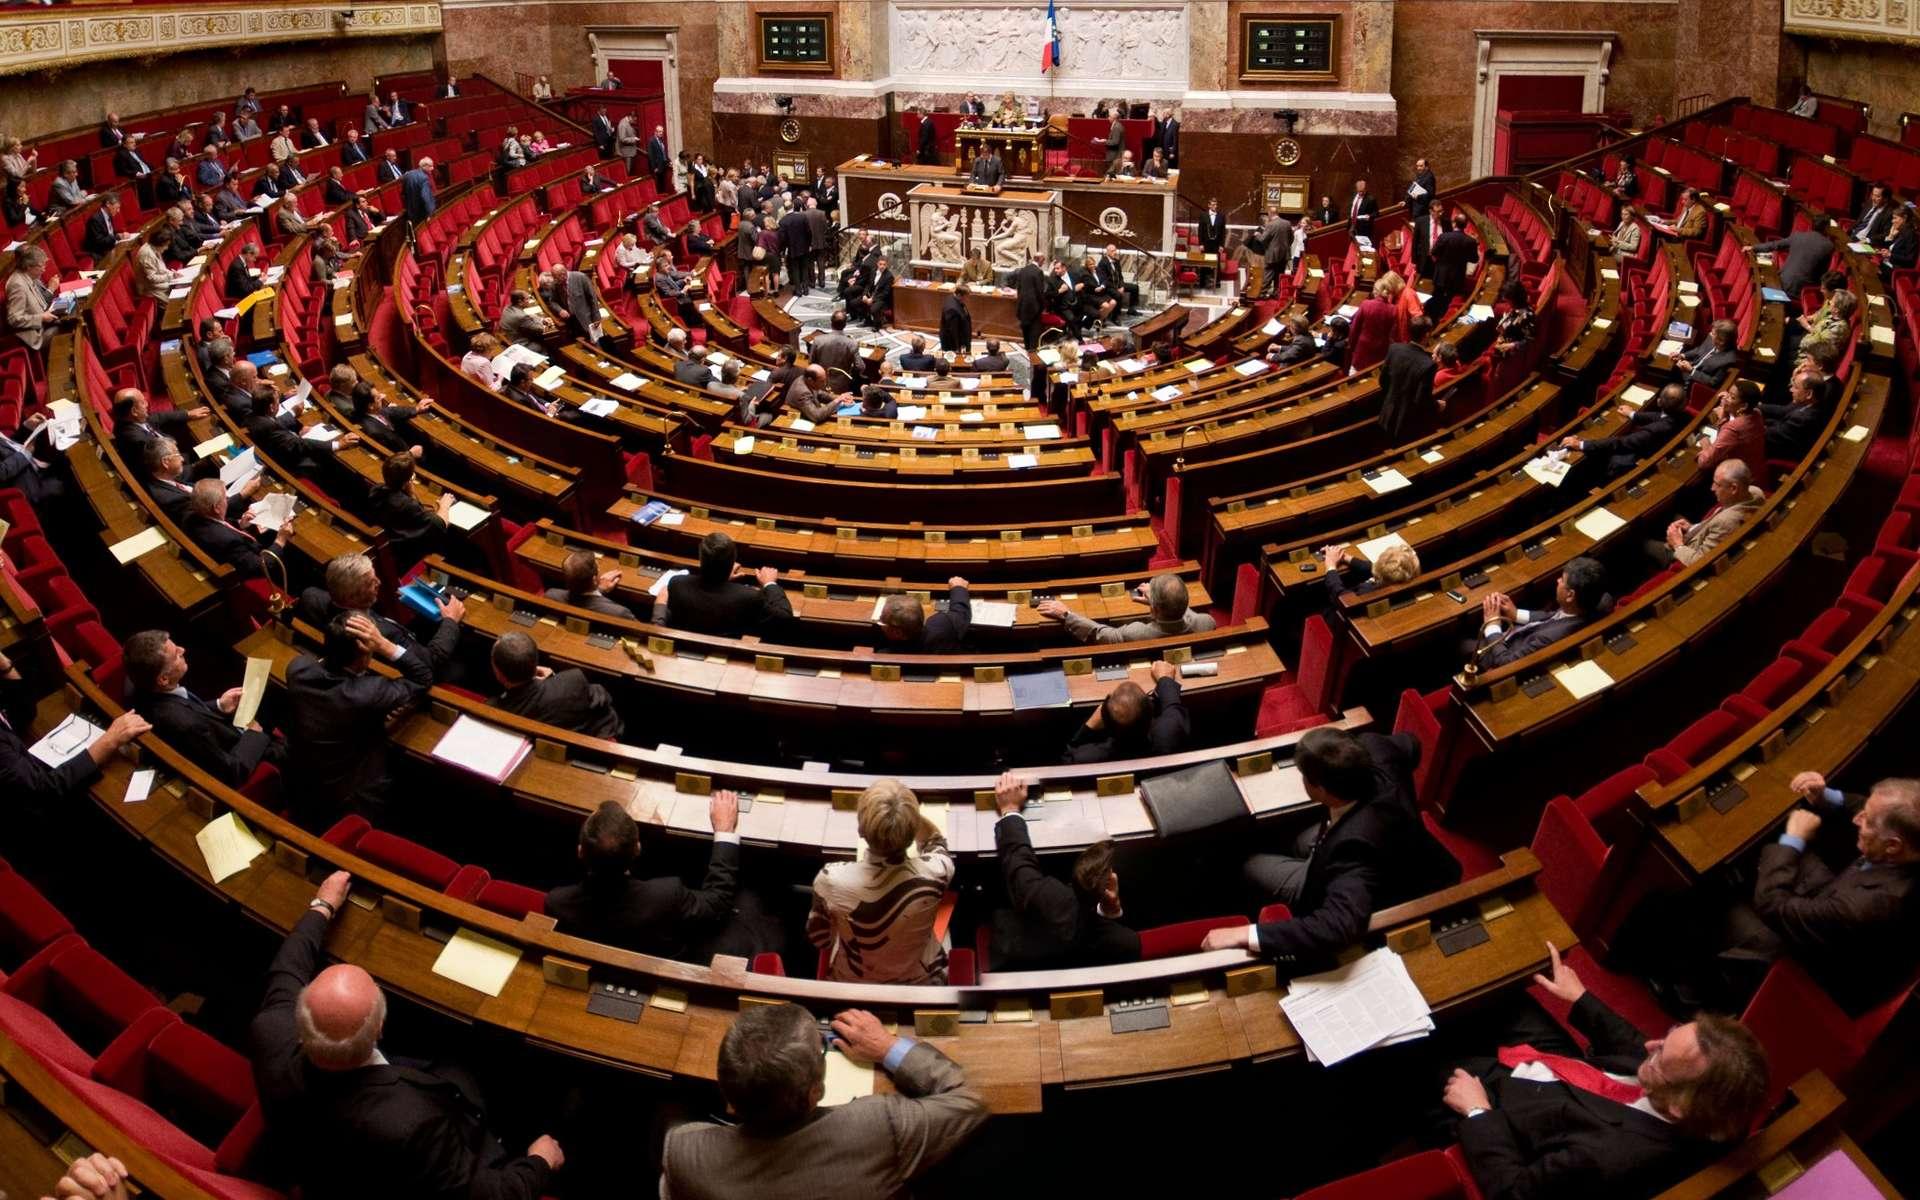 Hémicycle de l'Assemblée nationale. © Richard Ying et Tangui Morlier, Wikimedias Commons, CC by-sa 3.0